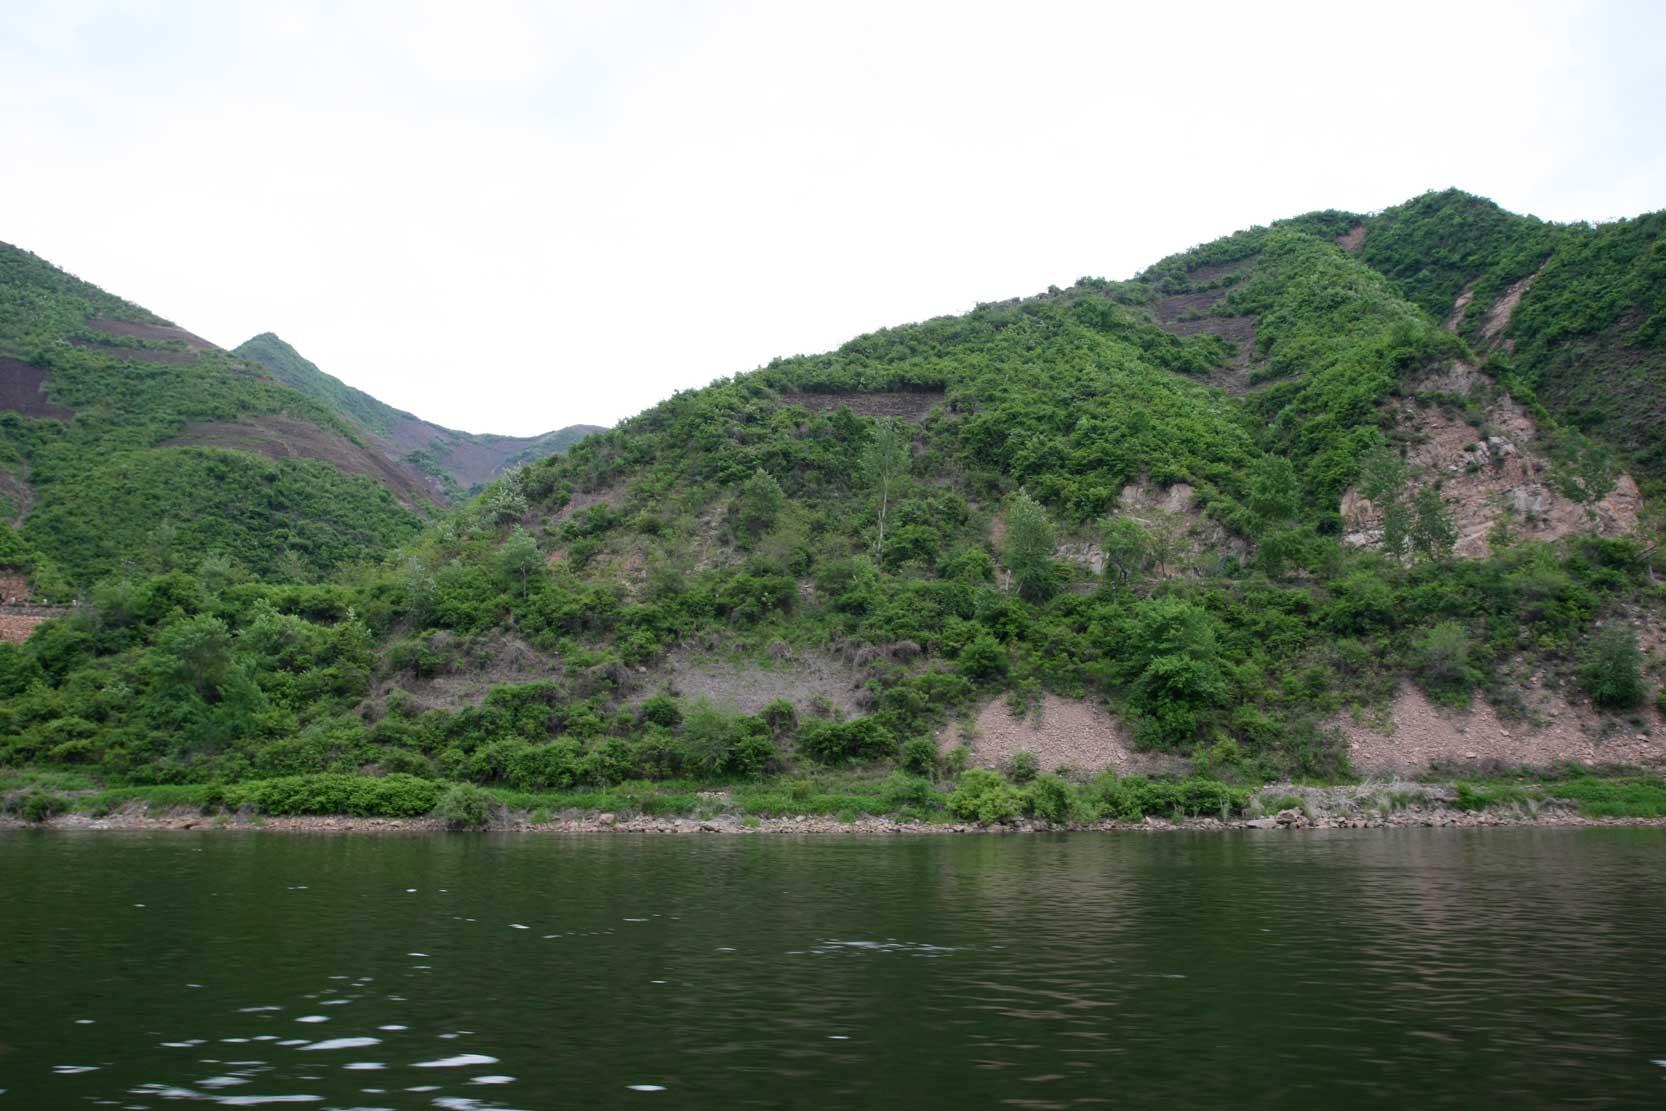 世界遺産のまち、集安~のどかな鴨緑江沿いの風景_b0235153_1326487.jpg